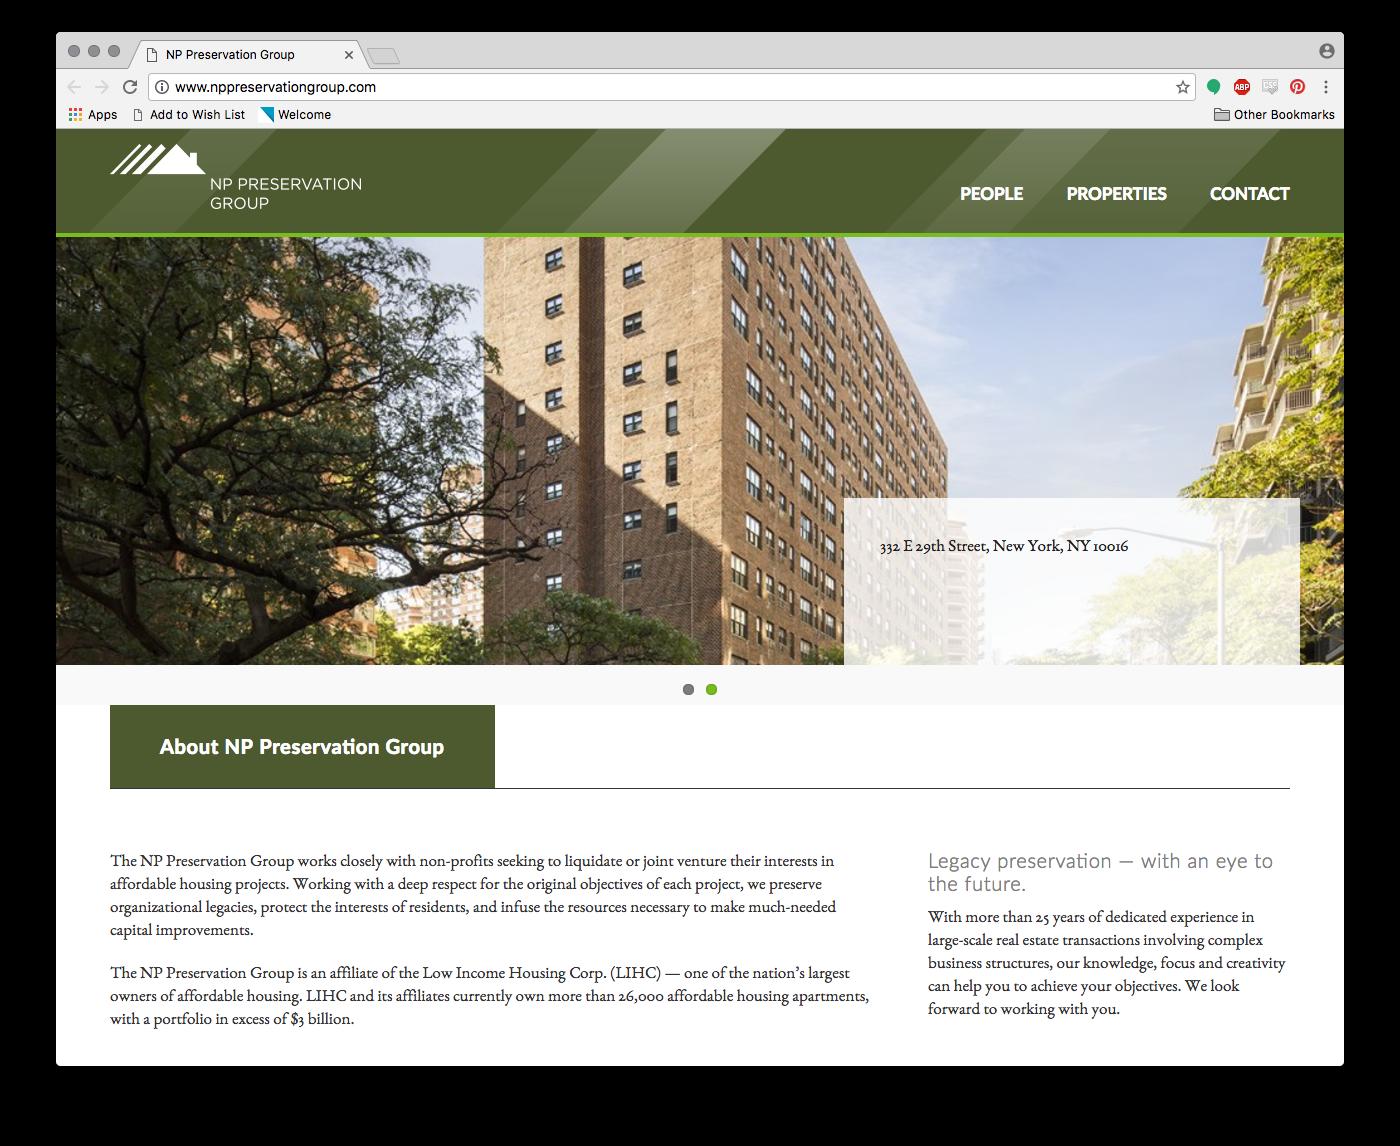 NP Preservation Group Website